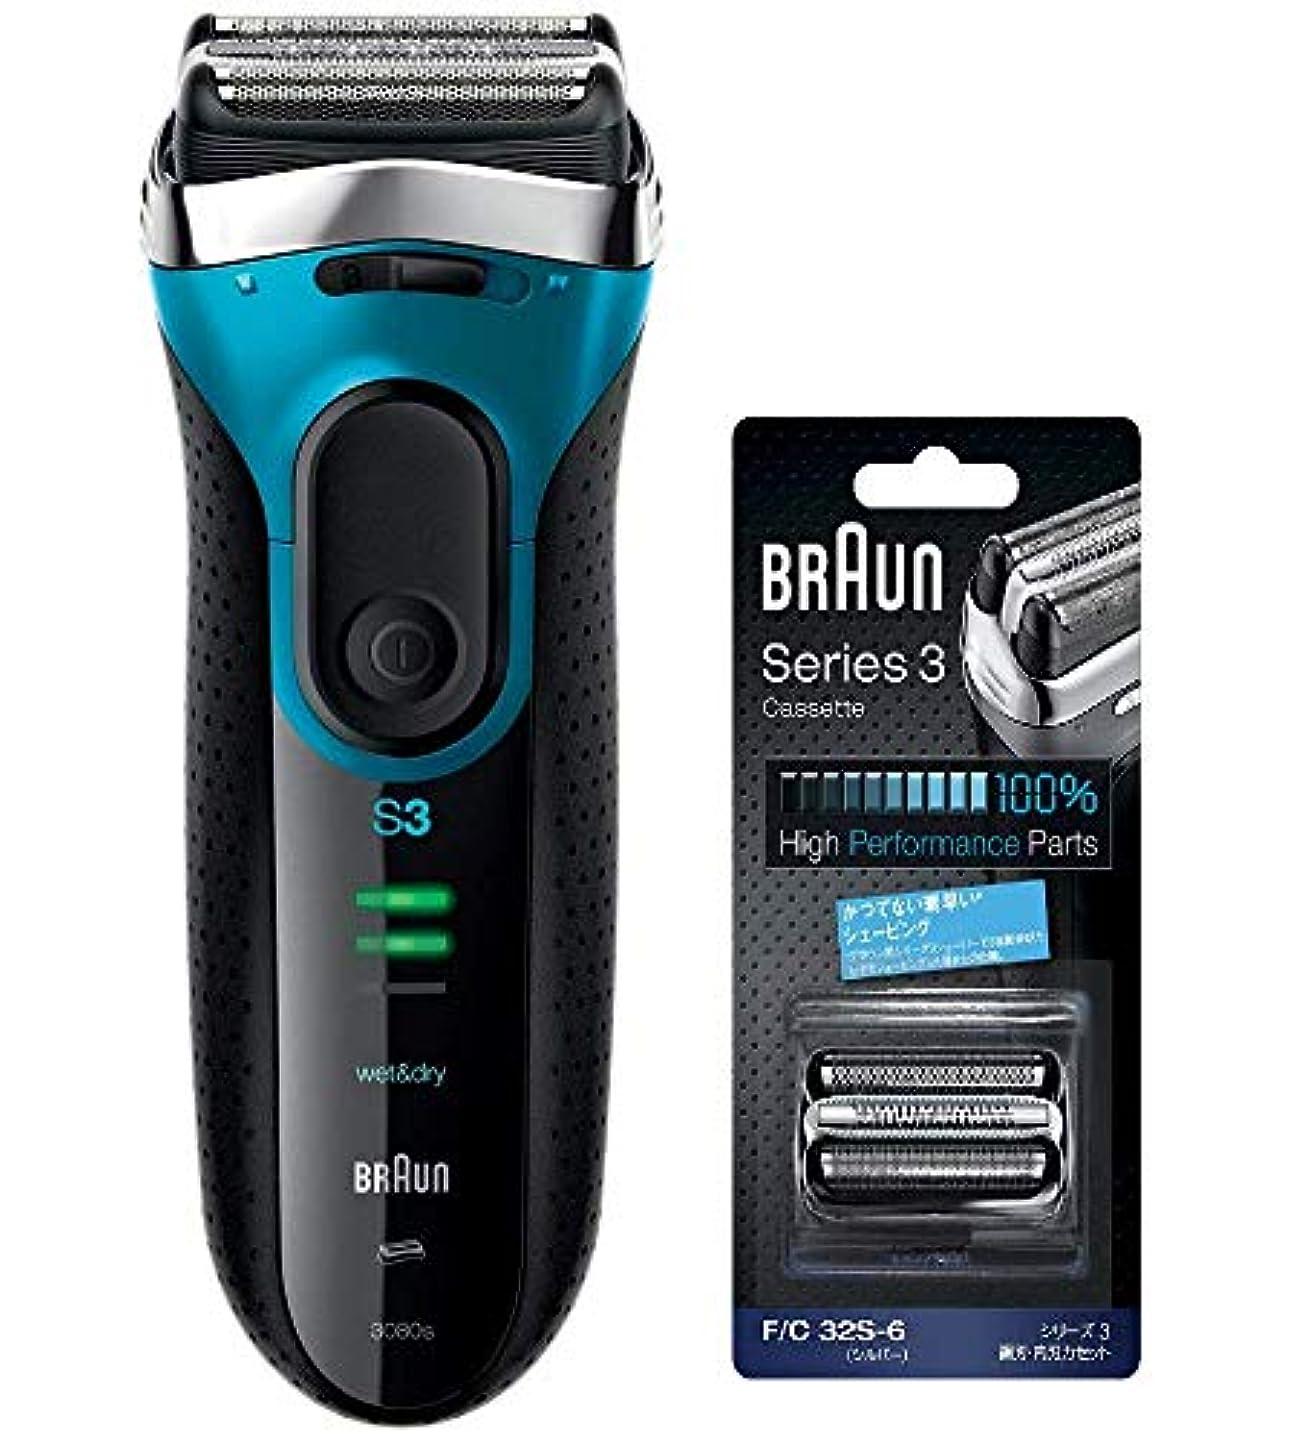 お気に入り見て洞察力のあるブラウン メンズ電気シェーバー シリーズ3 交換用替刃付 3080S-B-SET 3枚刃 水洗い/お風呂剃り可 ブルー